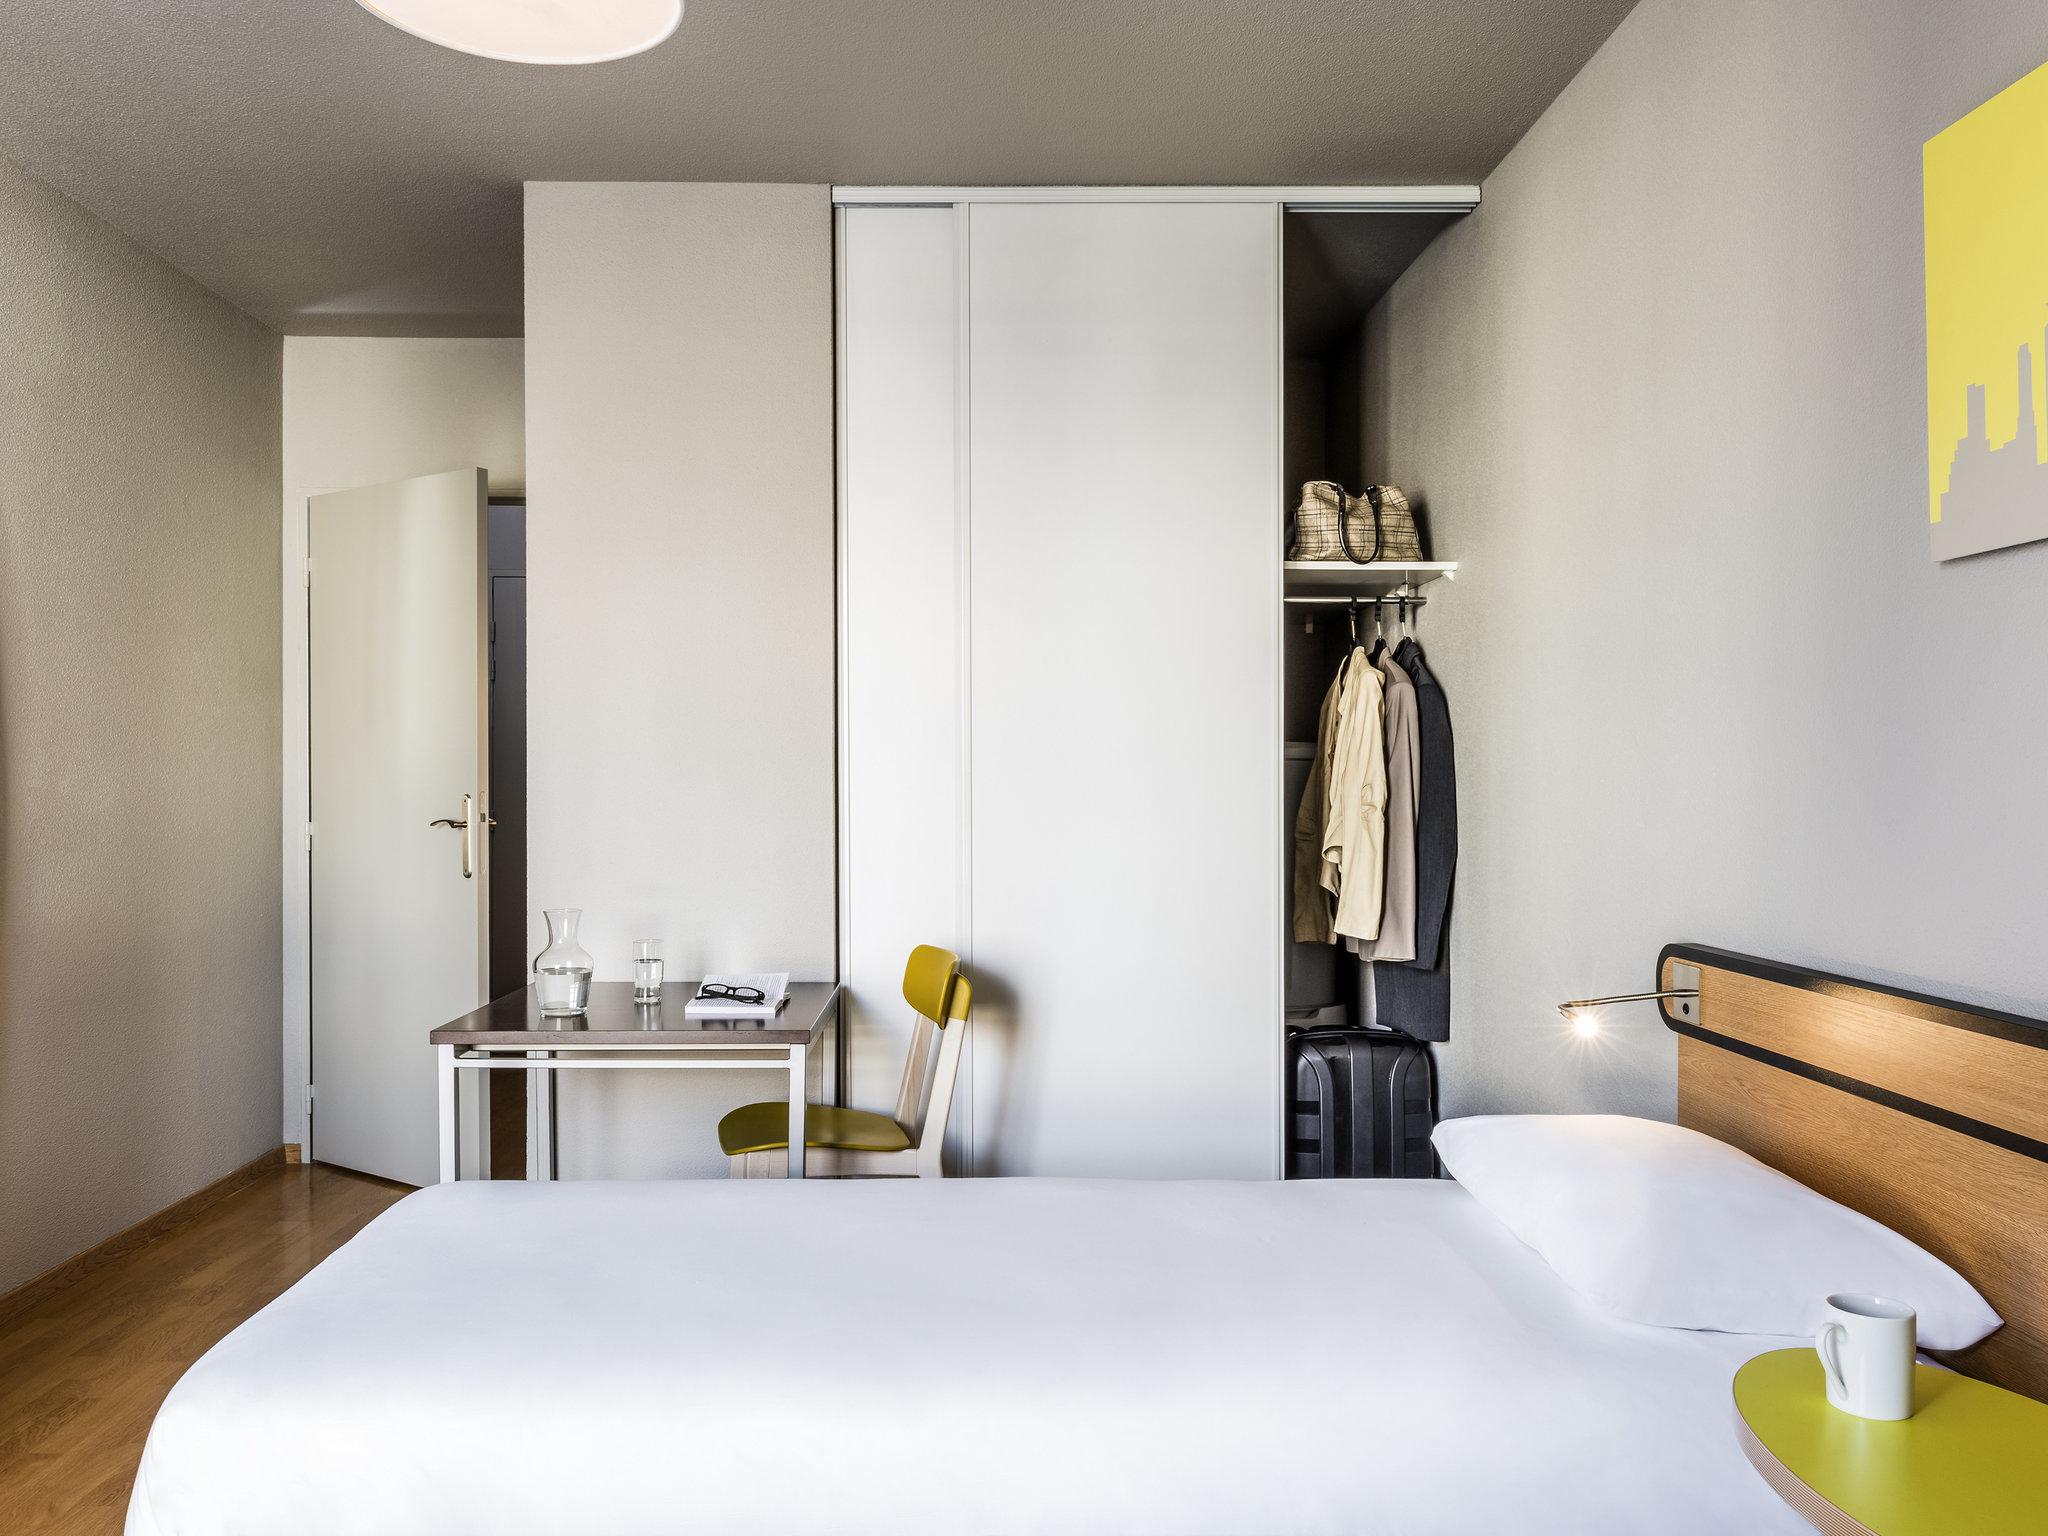 ホテル – アパートホテル アダジオ アクセス ヴァンヴ ポルト ド シャティヨン